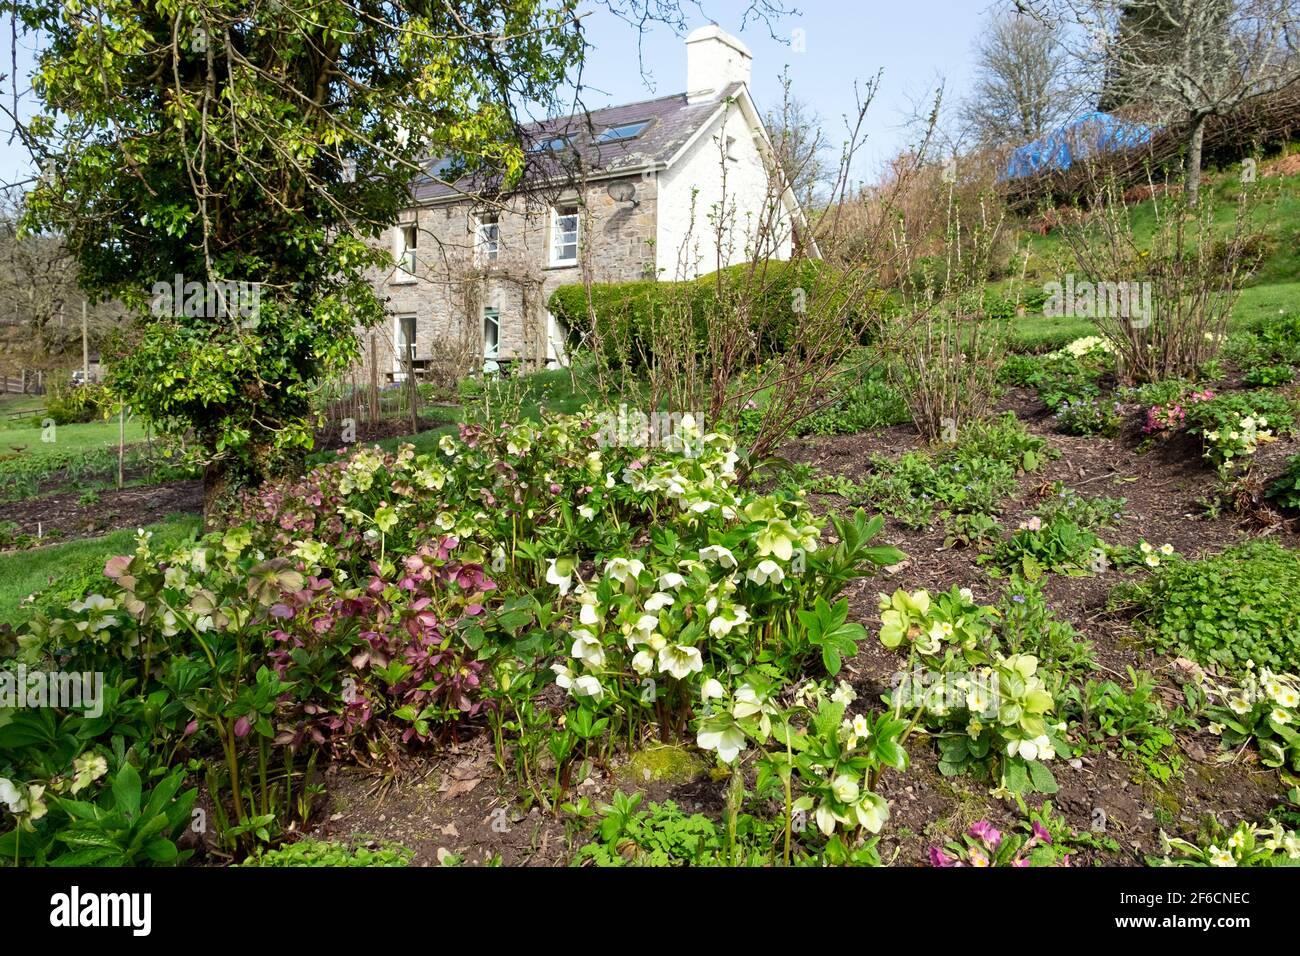 Ellehoutes viola e bianco in fiore nel giardino cottage esterno Casa in primavera marzo 2021 Carmarthensshire Galles UK KATHY DEWITT Foto Stock